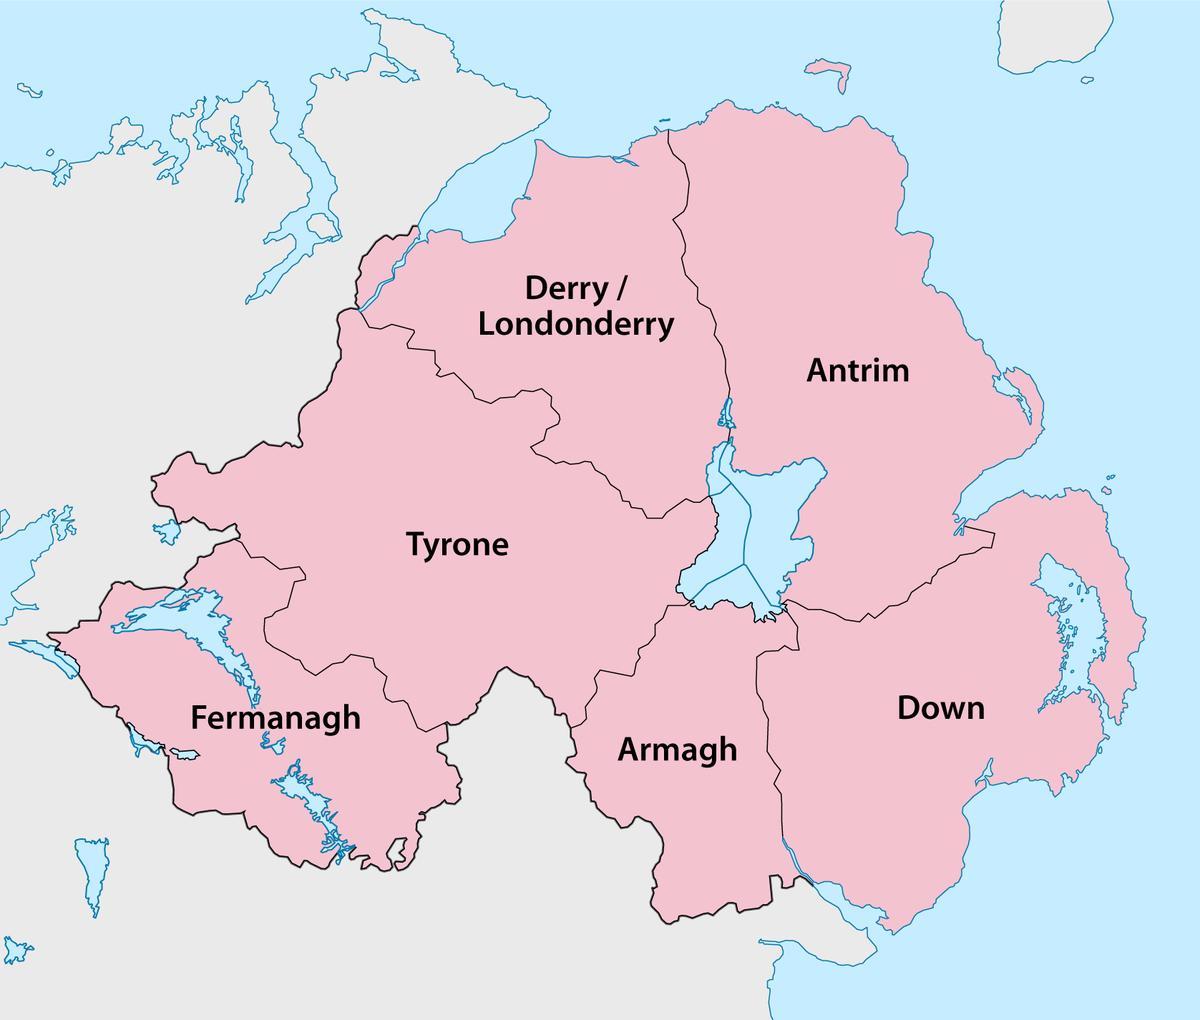 Irland Karte Städte.Karte Von Nord Irland Grafschaften Karte Von Nordirland Landkreise